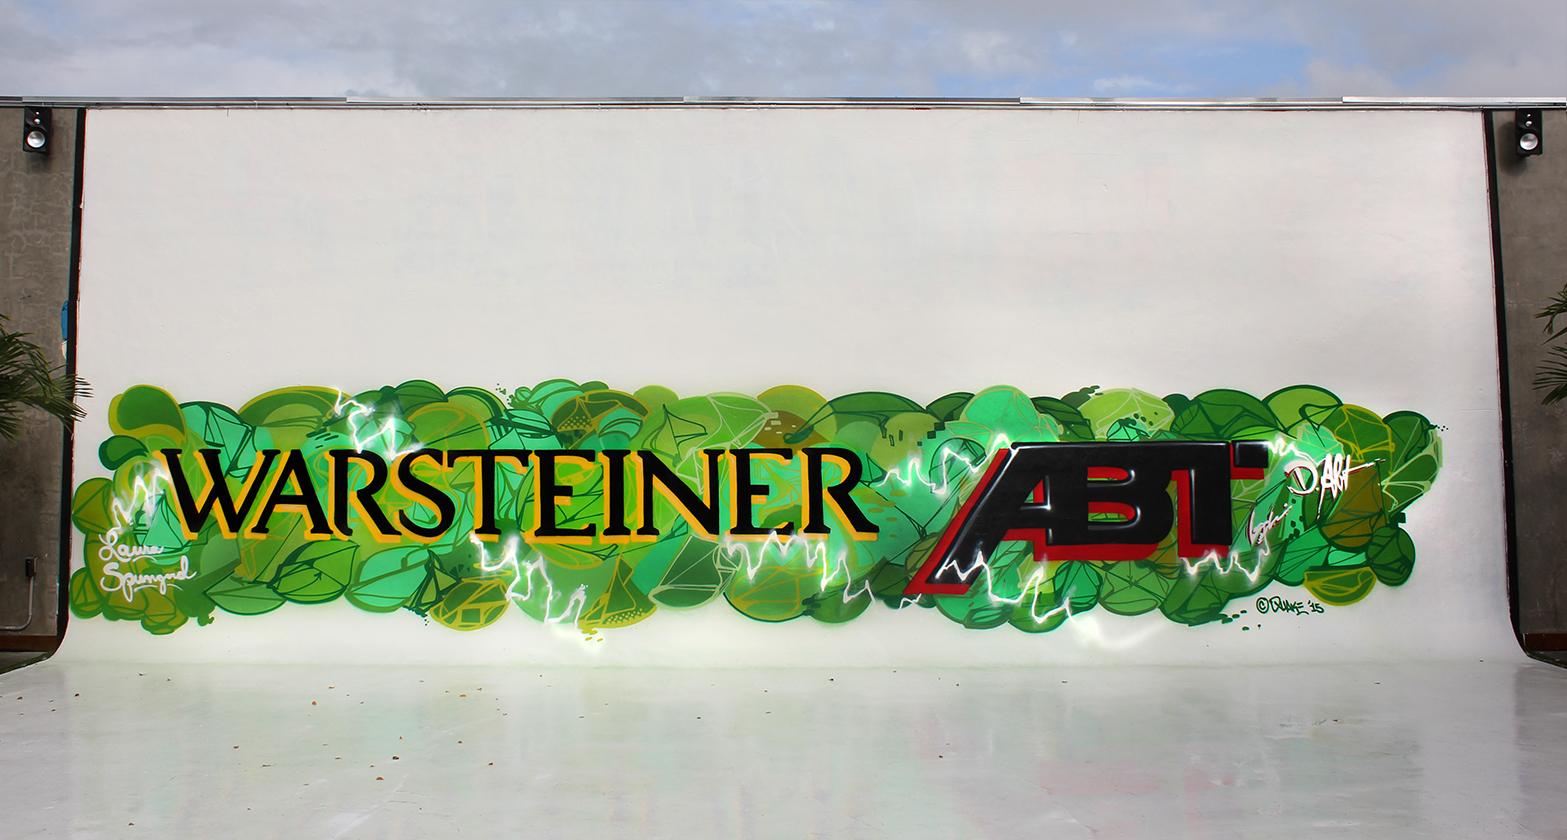 WarsteinerABTWallweblrg